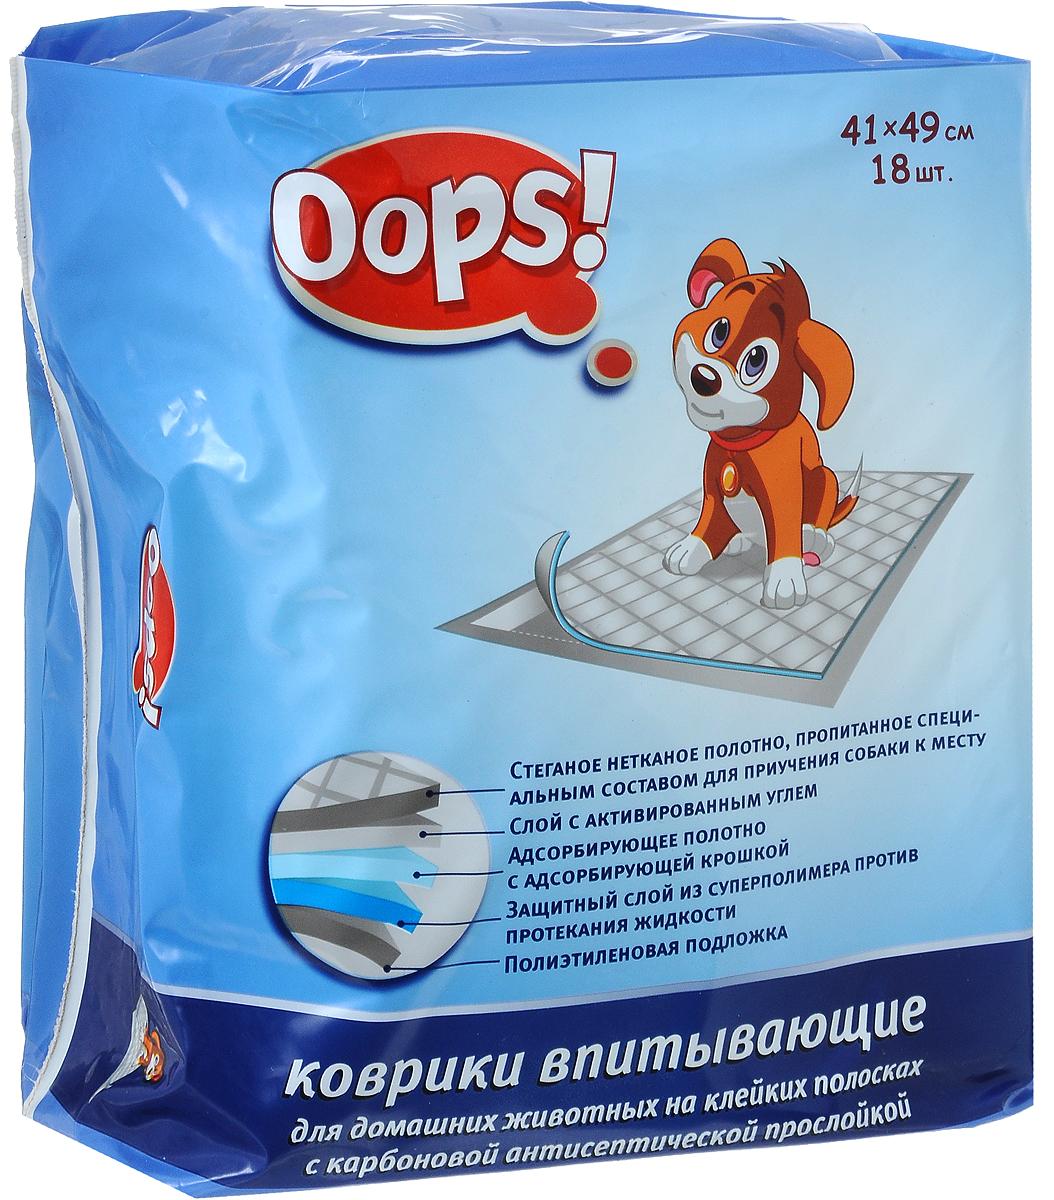 Коврики для домашних животных OOPS!, впитывающие, на клейких полосках, 41 х 49 см, 18 шт3678Впитывающие коврики OOPS! с адсорбирующим суперполимером для щенков и взрослых собак всех пород и размеров. При производстве ковриков используется Sumitomo - японский материал с лучшей в мире впитывающей способностью. Коврики OOPS! имеют клейкие полоски, с помощью которых коврик можно закрепить на любой поверхности. Вам просто нужно убрать бумажные полоски с пластикового покрытия и приклеить коврик туда, куда вам удобно. Специальная обработка ковриков OOPS! приучает собаку к месту, облегчает тренировку. Коврики OOPS! поглощают влагу и неприятные запахи, надежно удерживая внутри коврика, не выпуская наружу. Предохраняют поли мебель от царапин и шерсти. Незаменимы в период лактации, в первый месяц жизни щенков, при специфических заболеваниях, в поездках, выставках и на приеме у ветеринарного доктора. Состав: целлюлоза, впитывающий суперполимер, нетканое полотно, полиэтилен, активированный уголь.